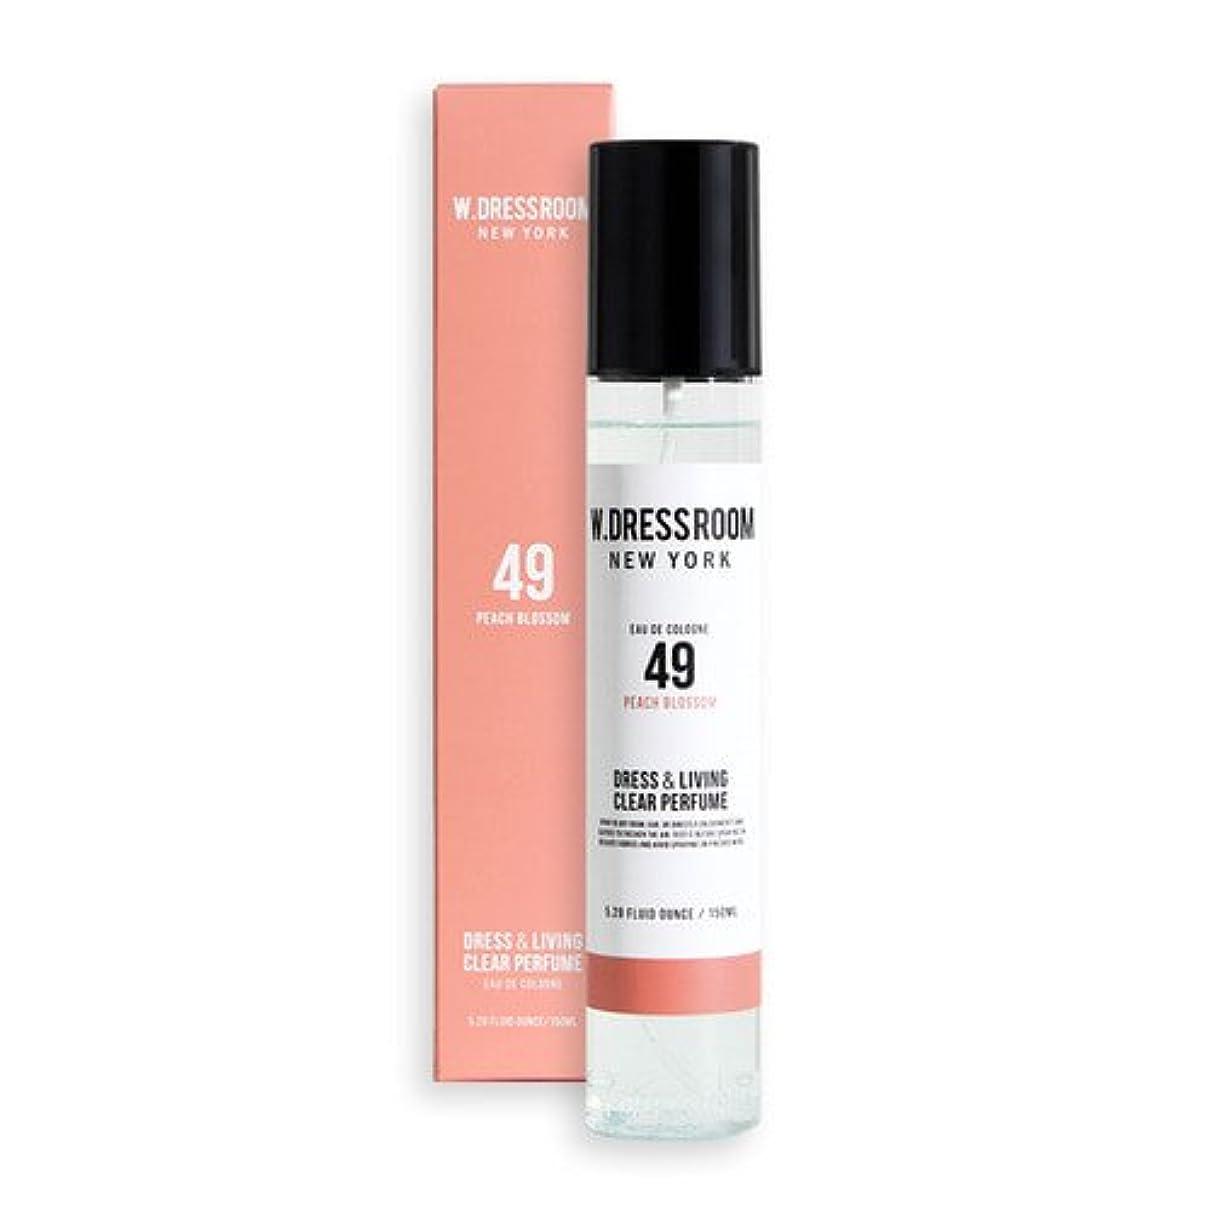 愛撫消費する鷲W.DRESSROOM Dress & Living Clear Perfume 150ml/ダブルドレスルーム ドレス&リビング クリア パフューム 150ml (#No.49 Peach Blossom) [並行輸入品]